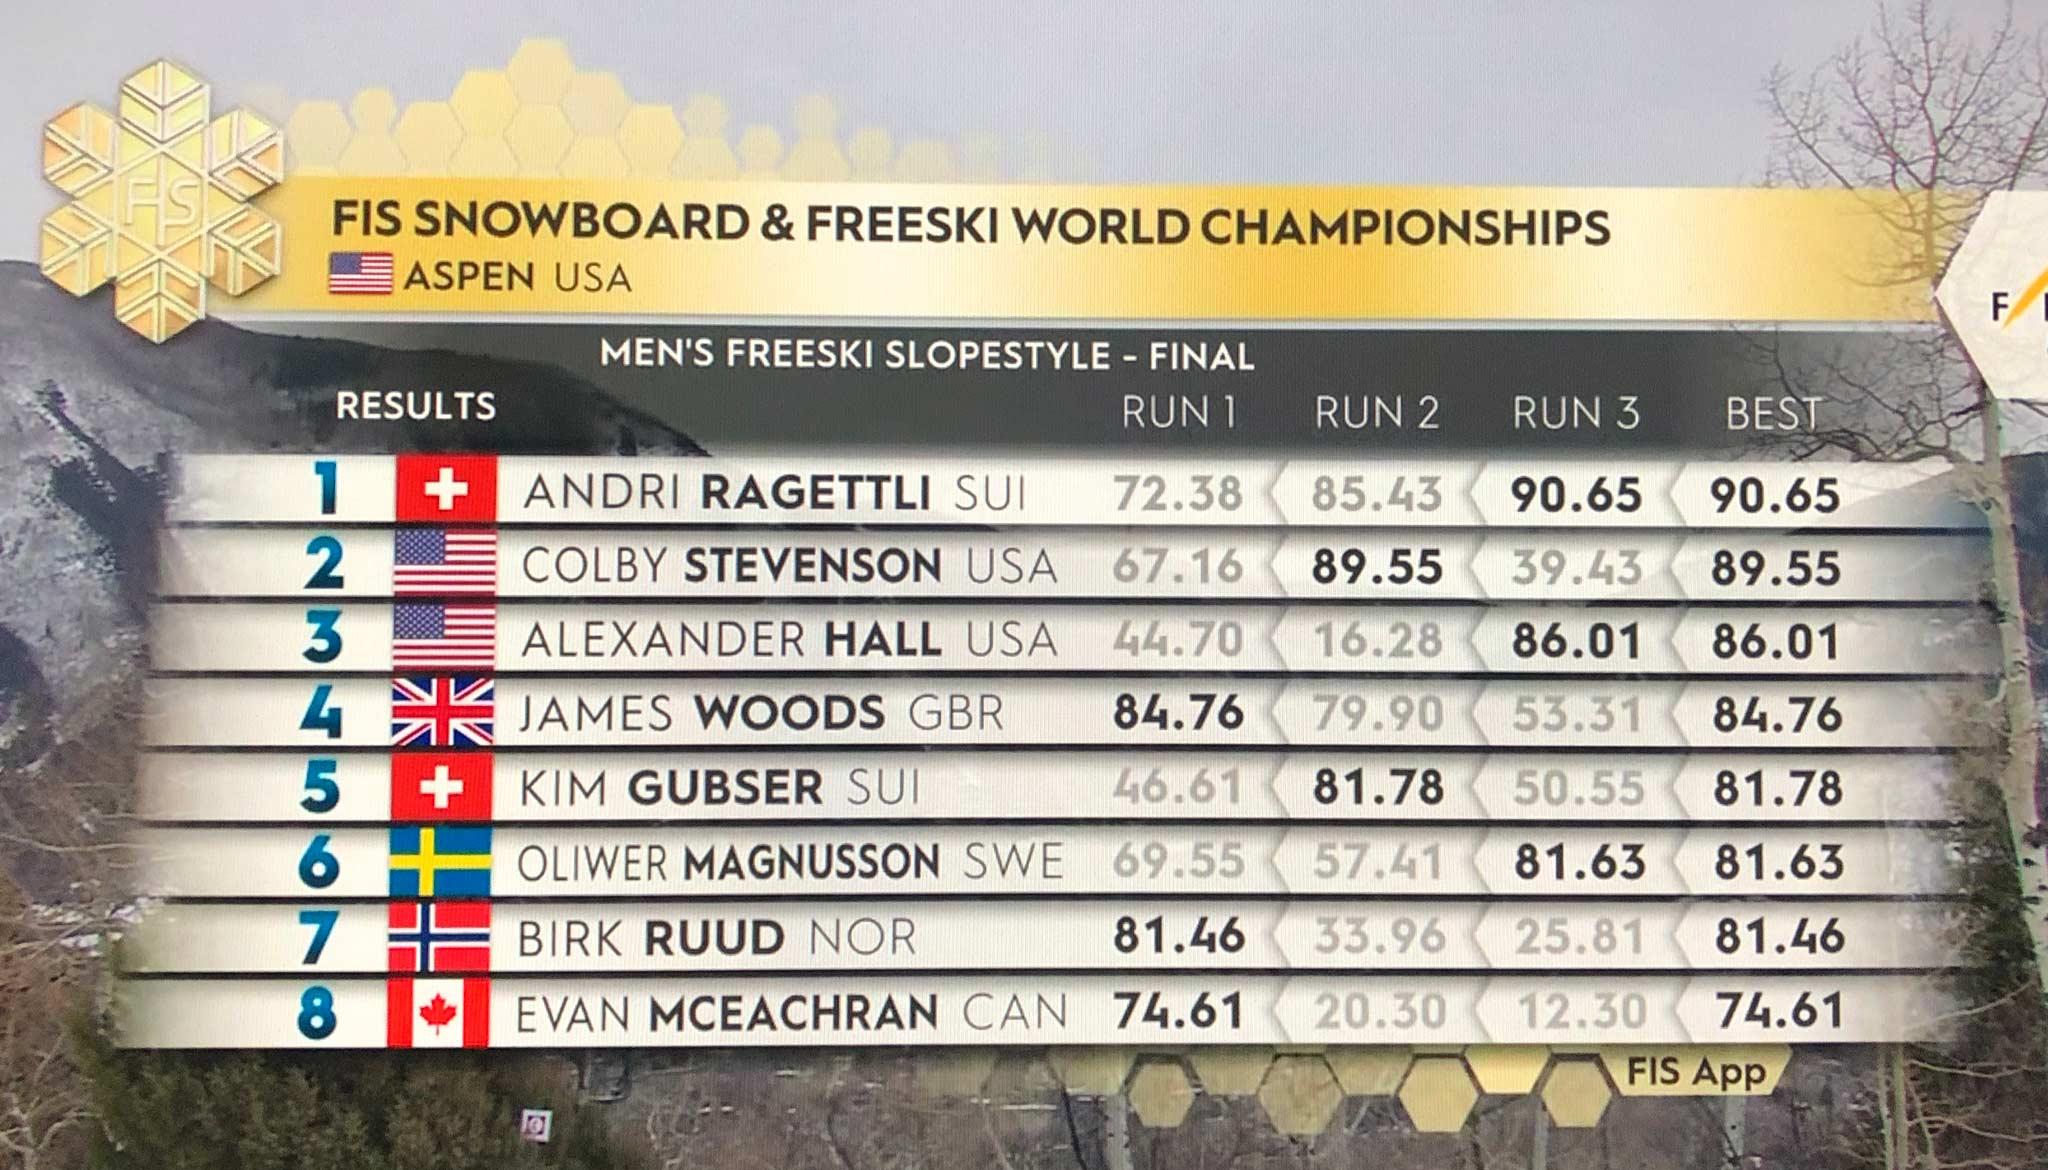 Das Ergebnis der Männer vom Slopestyle Finale bei der Freeski Weltmeisterschaft 2021 in Aspen, Colorado.